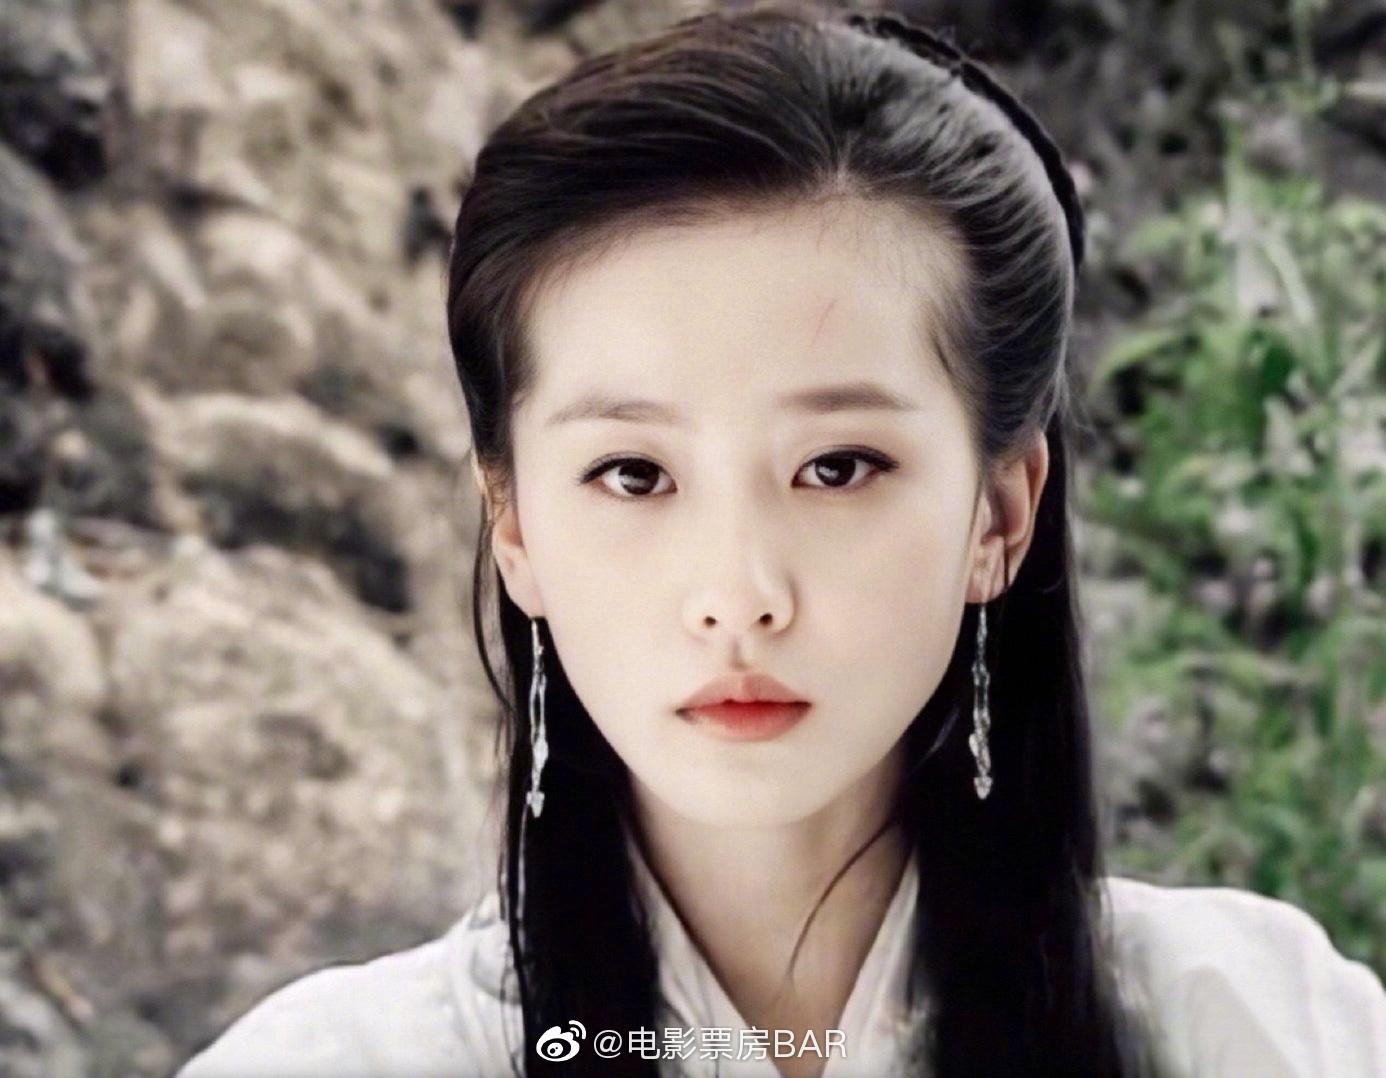 《白蛇后传》里的刘诗诗,大家喜欢吗? zt